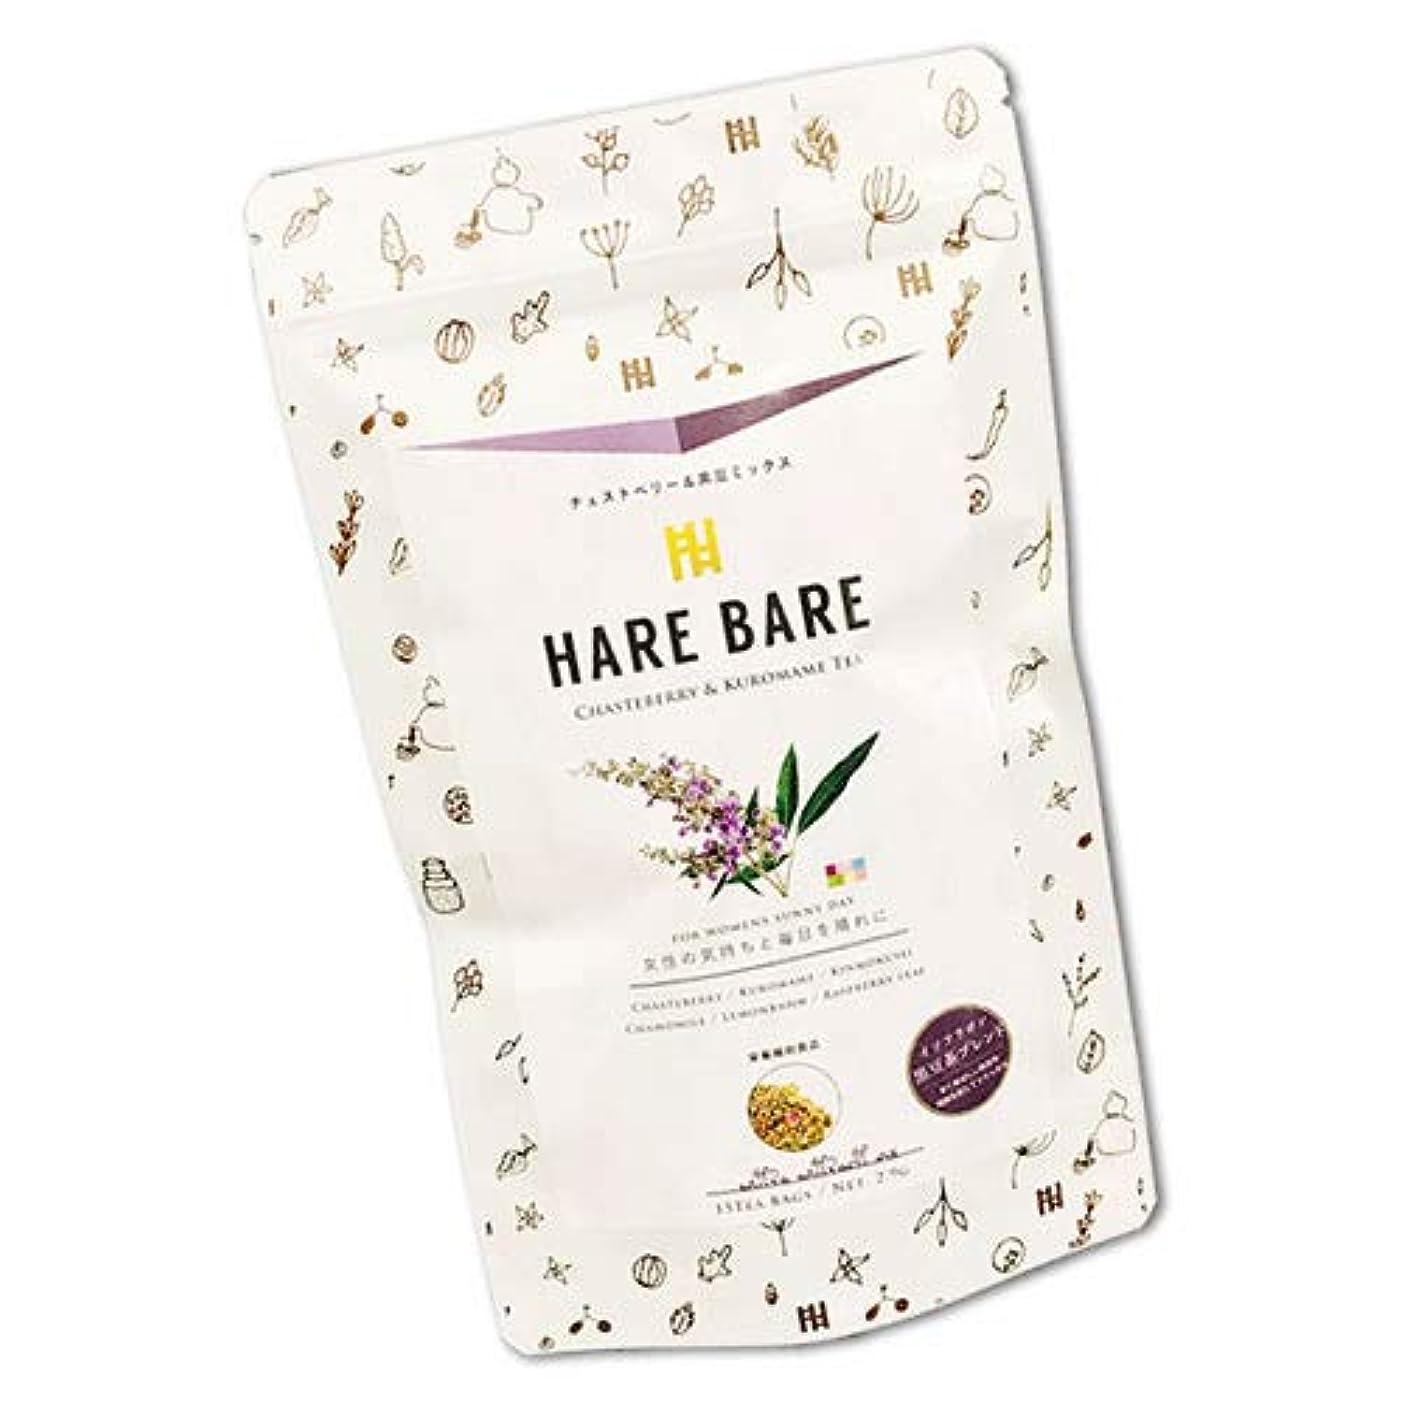 領事館移植白い「あれ?イライラは?」チェストベリー黒豆茶ブレンド 生理前 ハーブティー 15包 ハレバレ